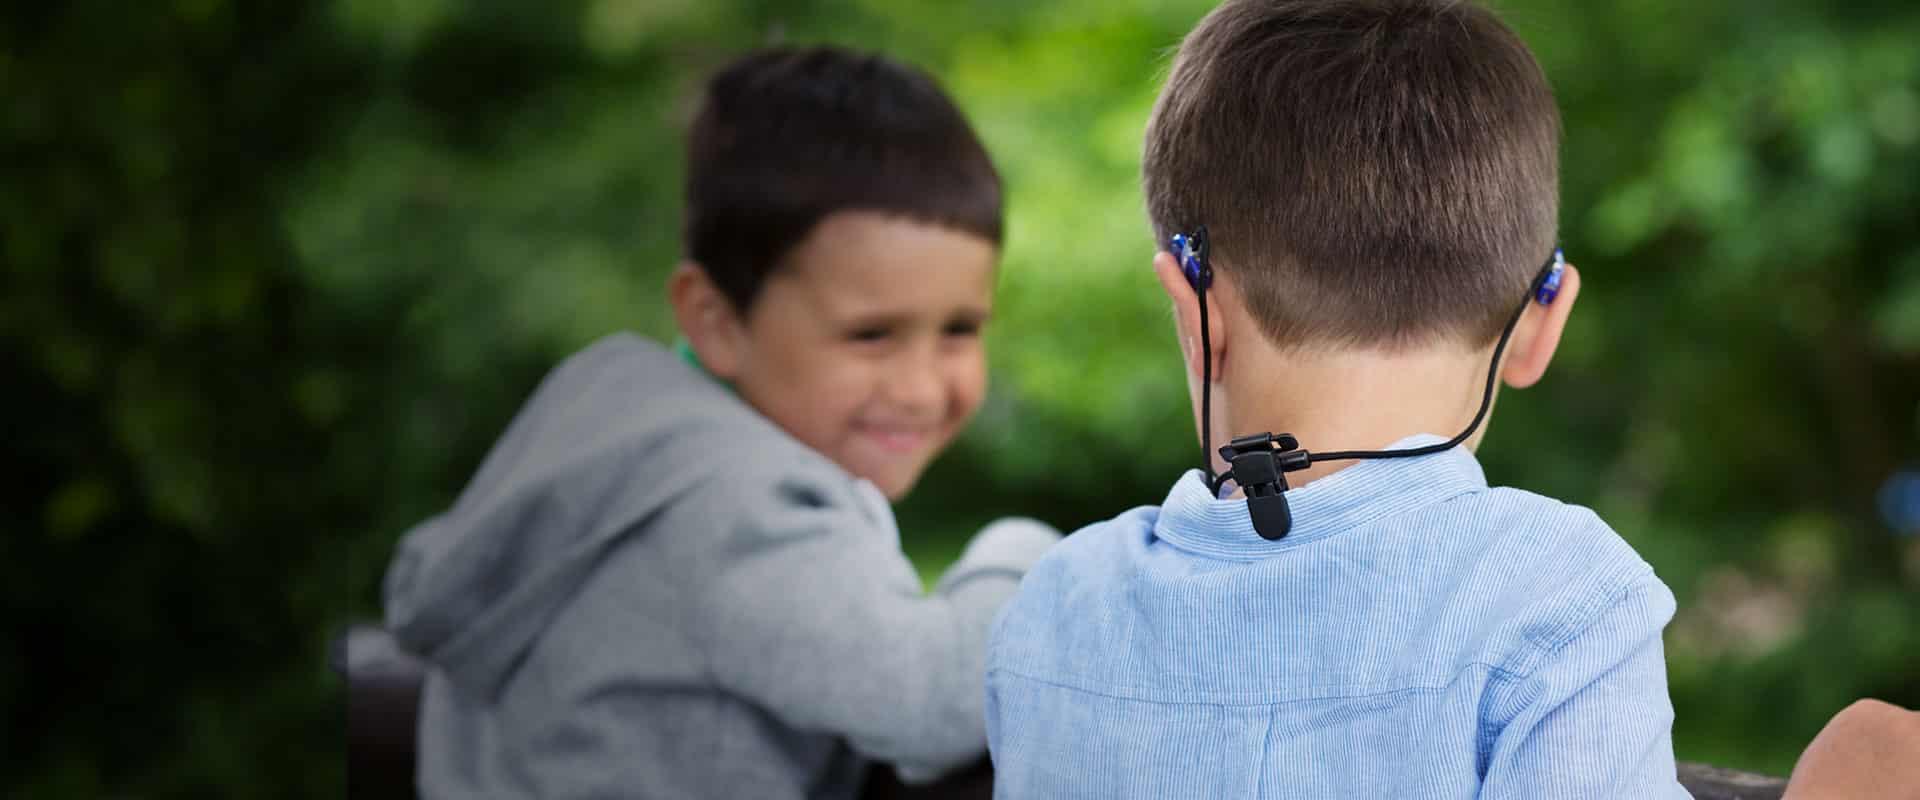 Mieux vivre avec la prothèse auditive